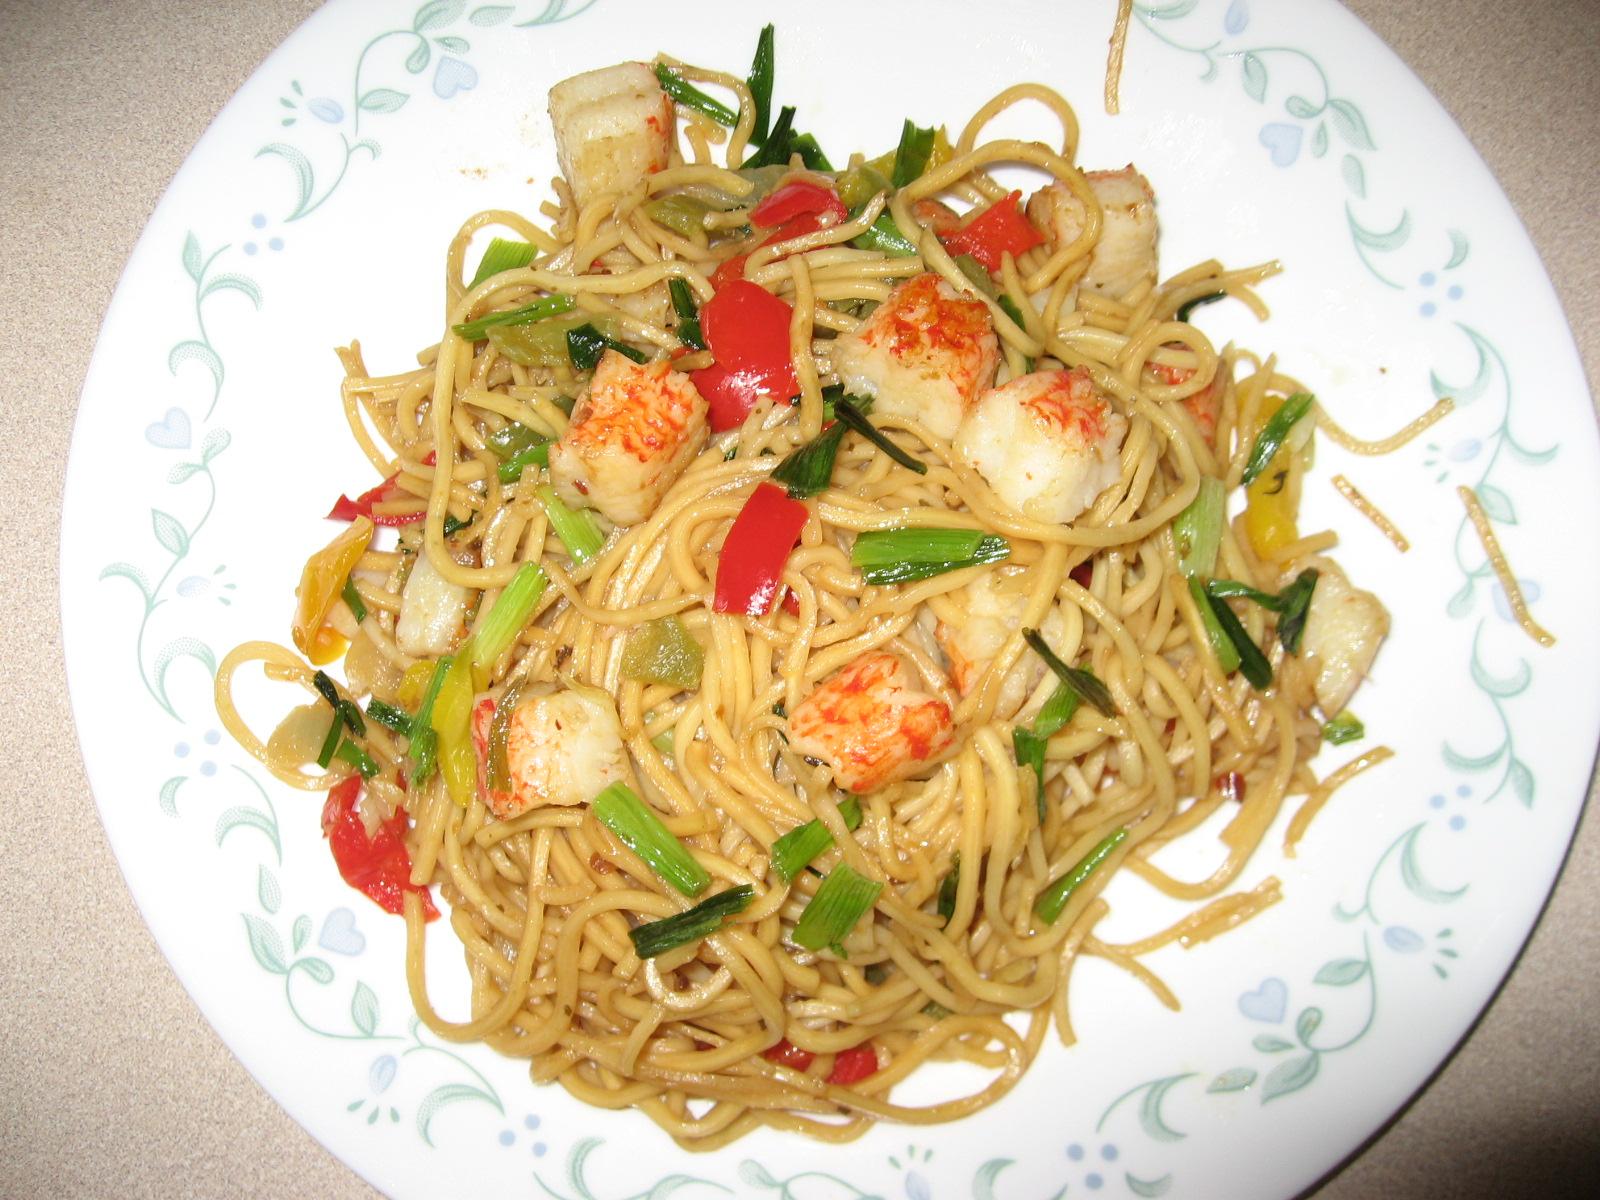 Storing Noodles